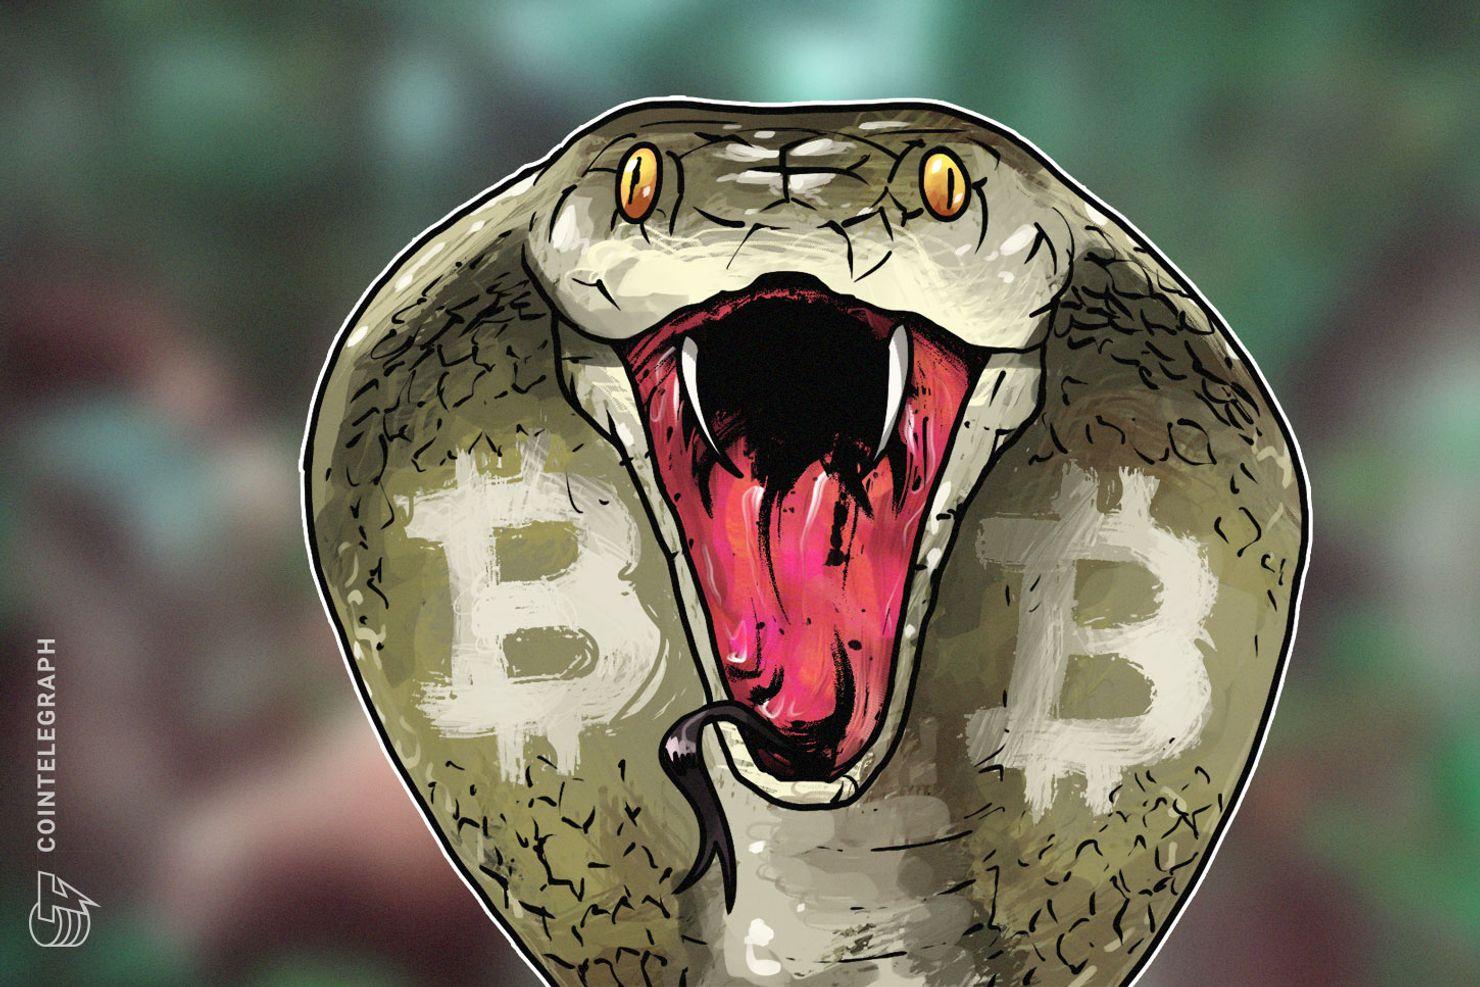 European Central Bank Exec Calls Bitcoin the 'Evil Spawn of the Financial Crisis'